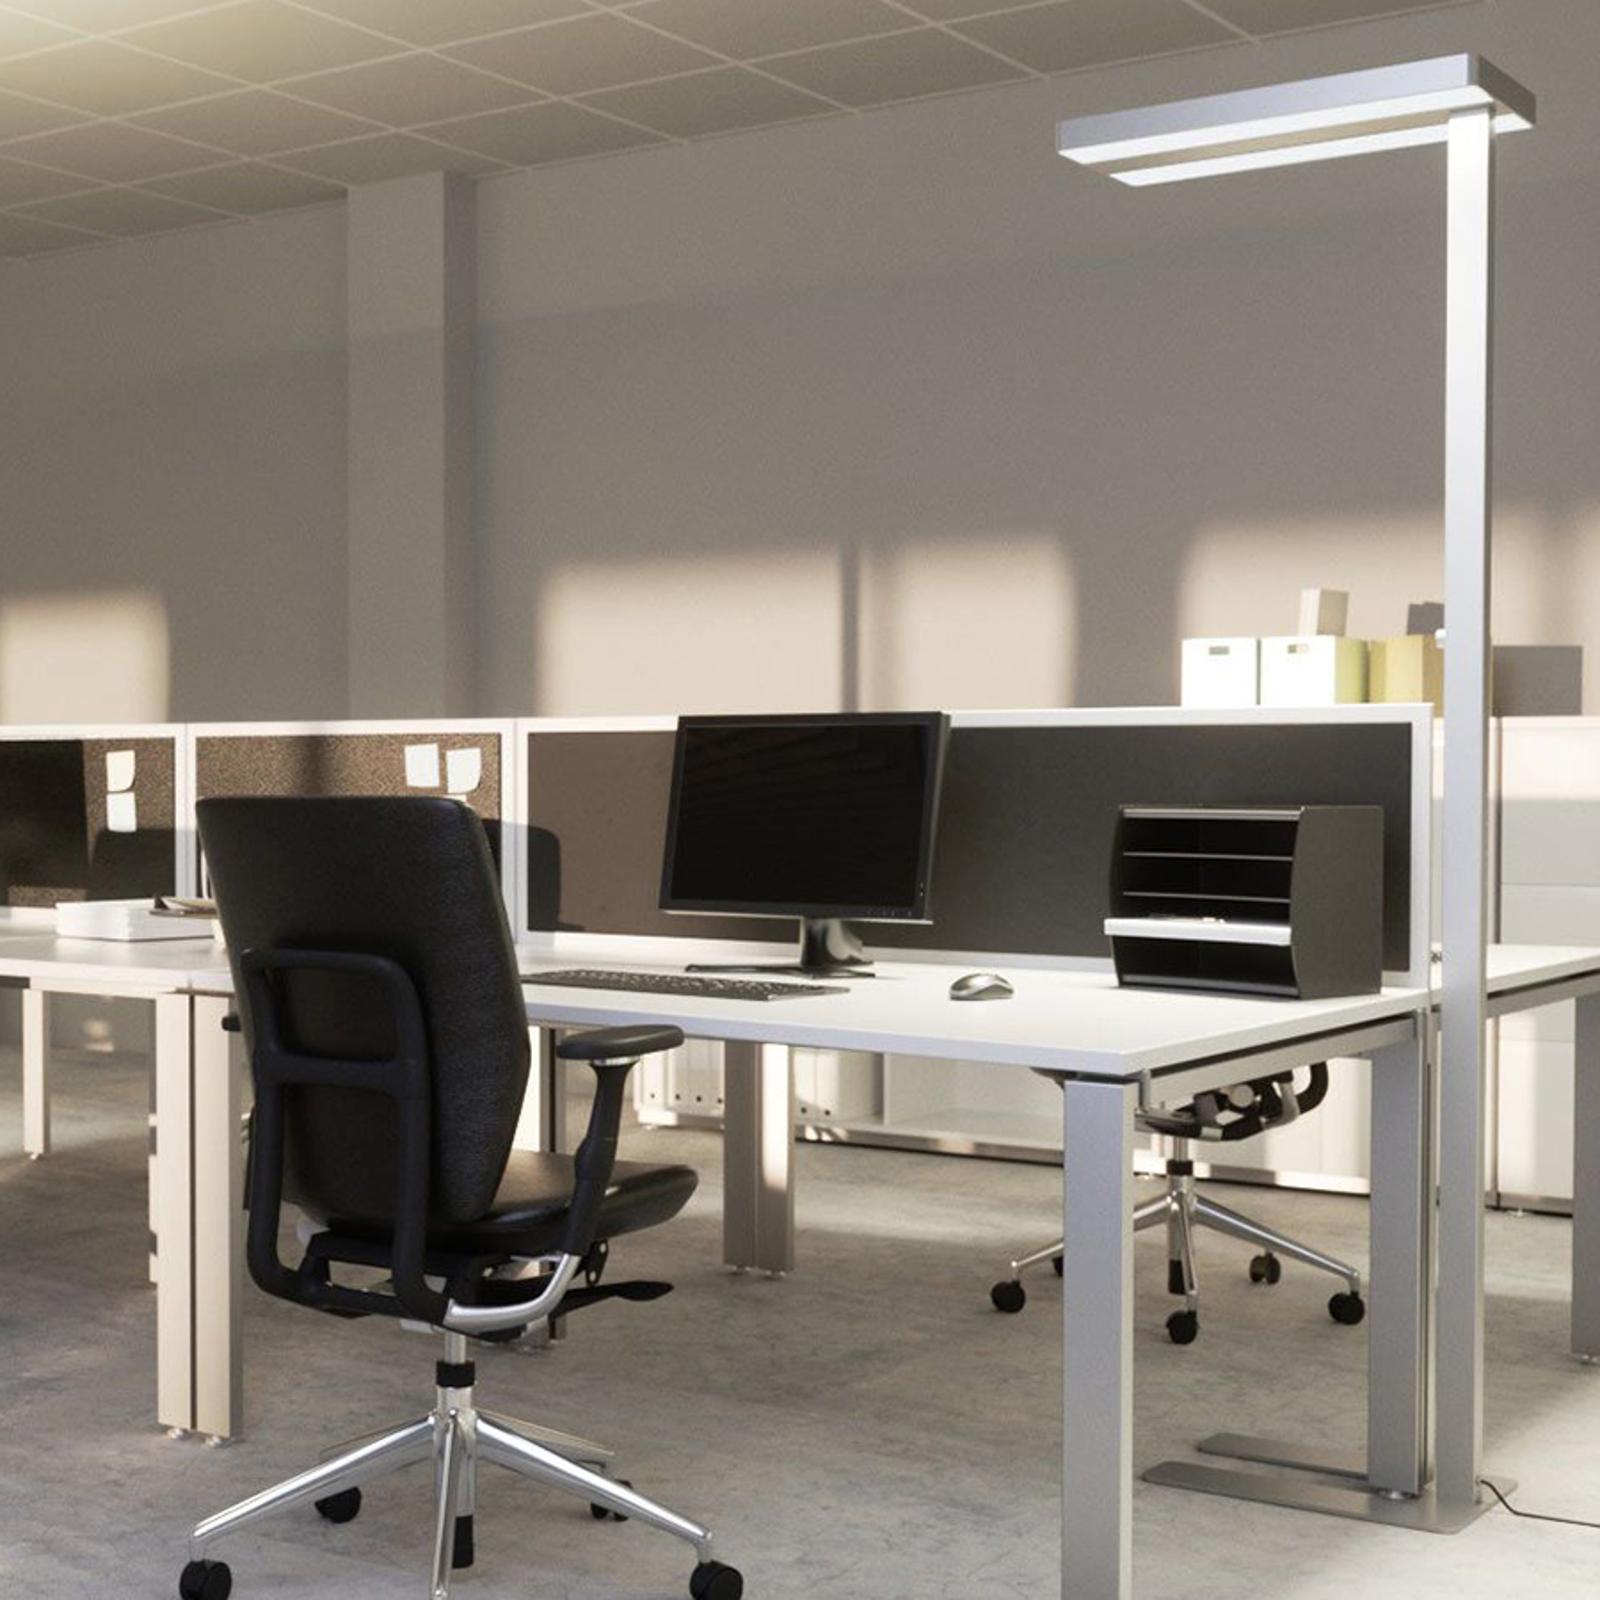 Logan - biurowa lampa stojąca LED ze ściemniaczem